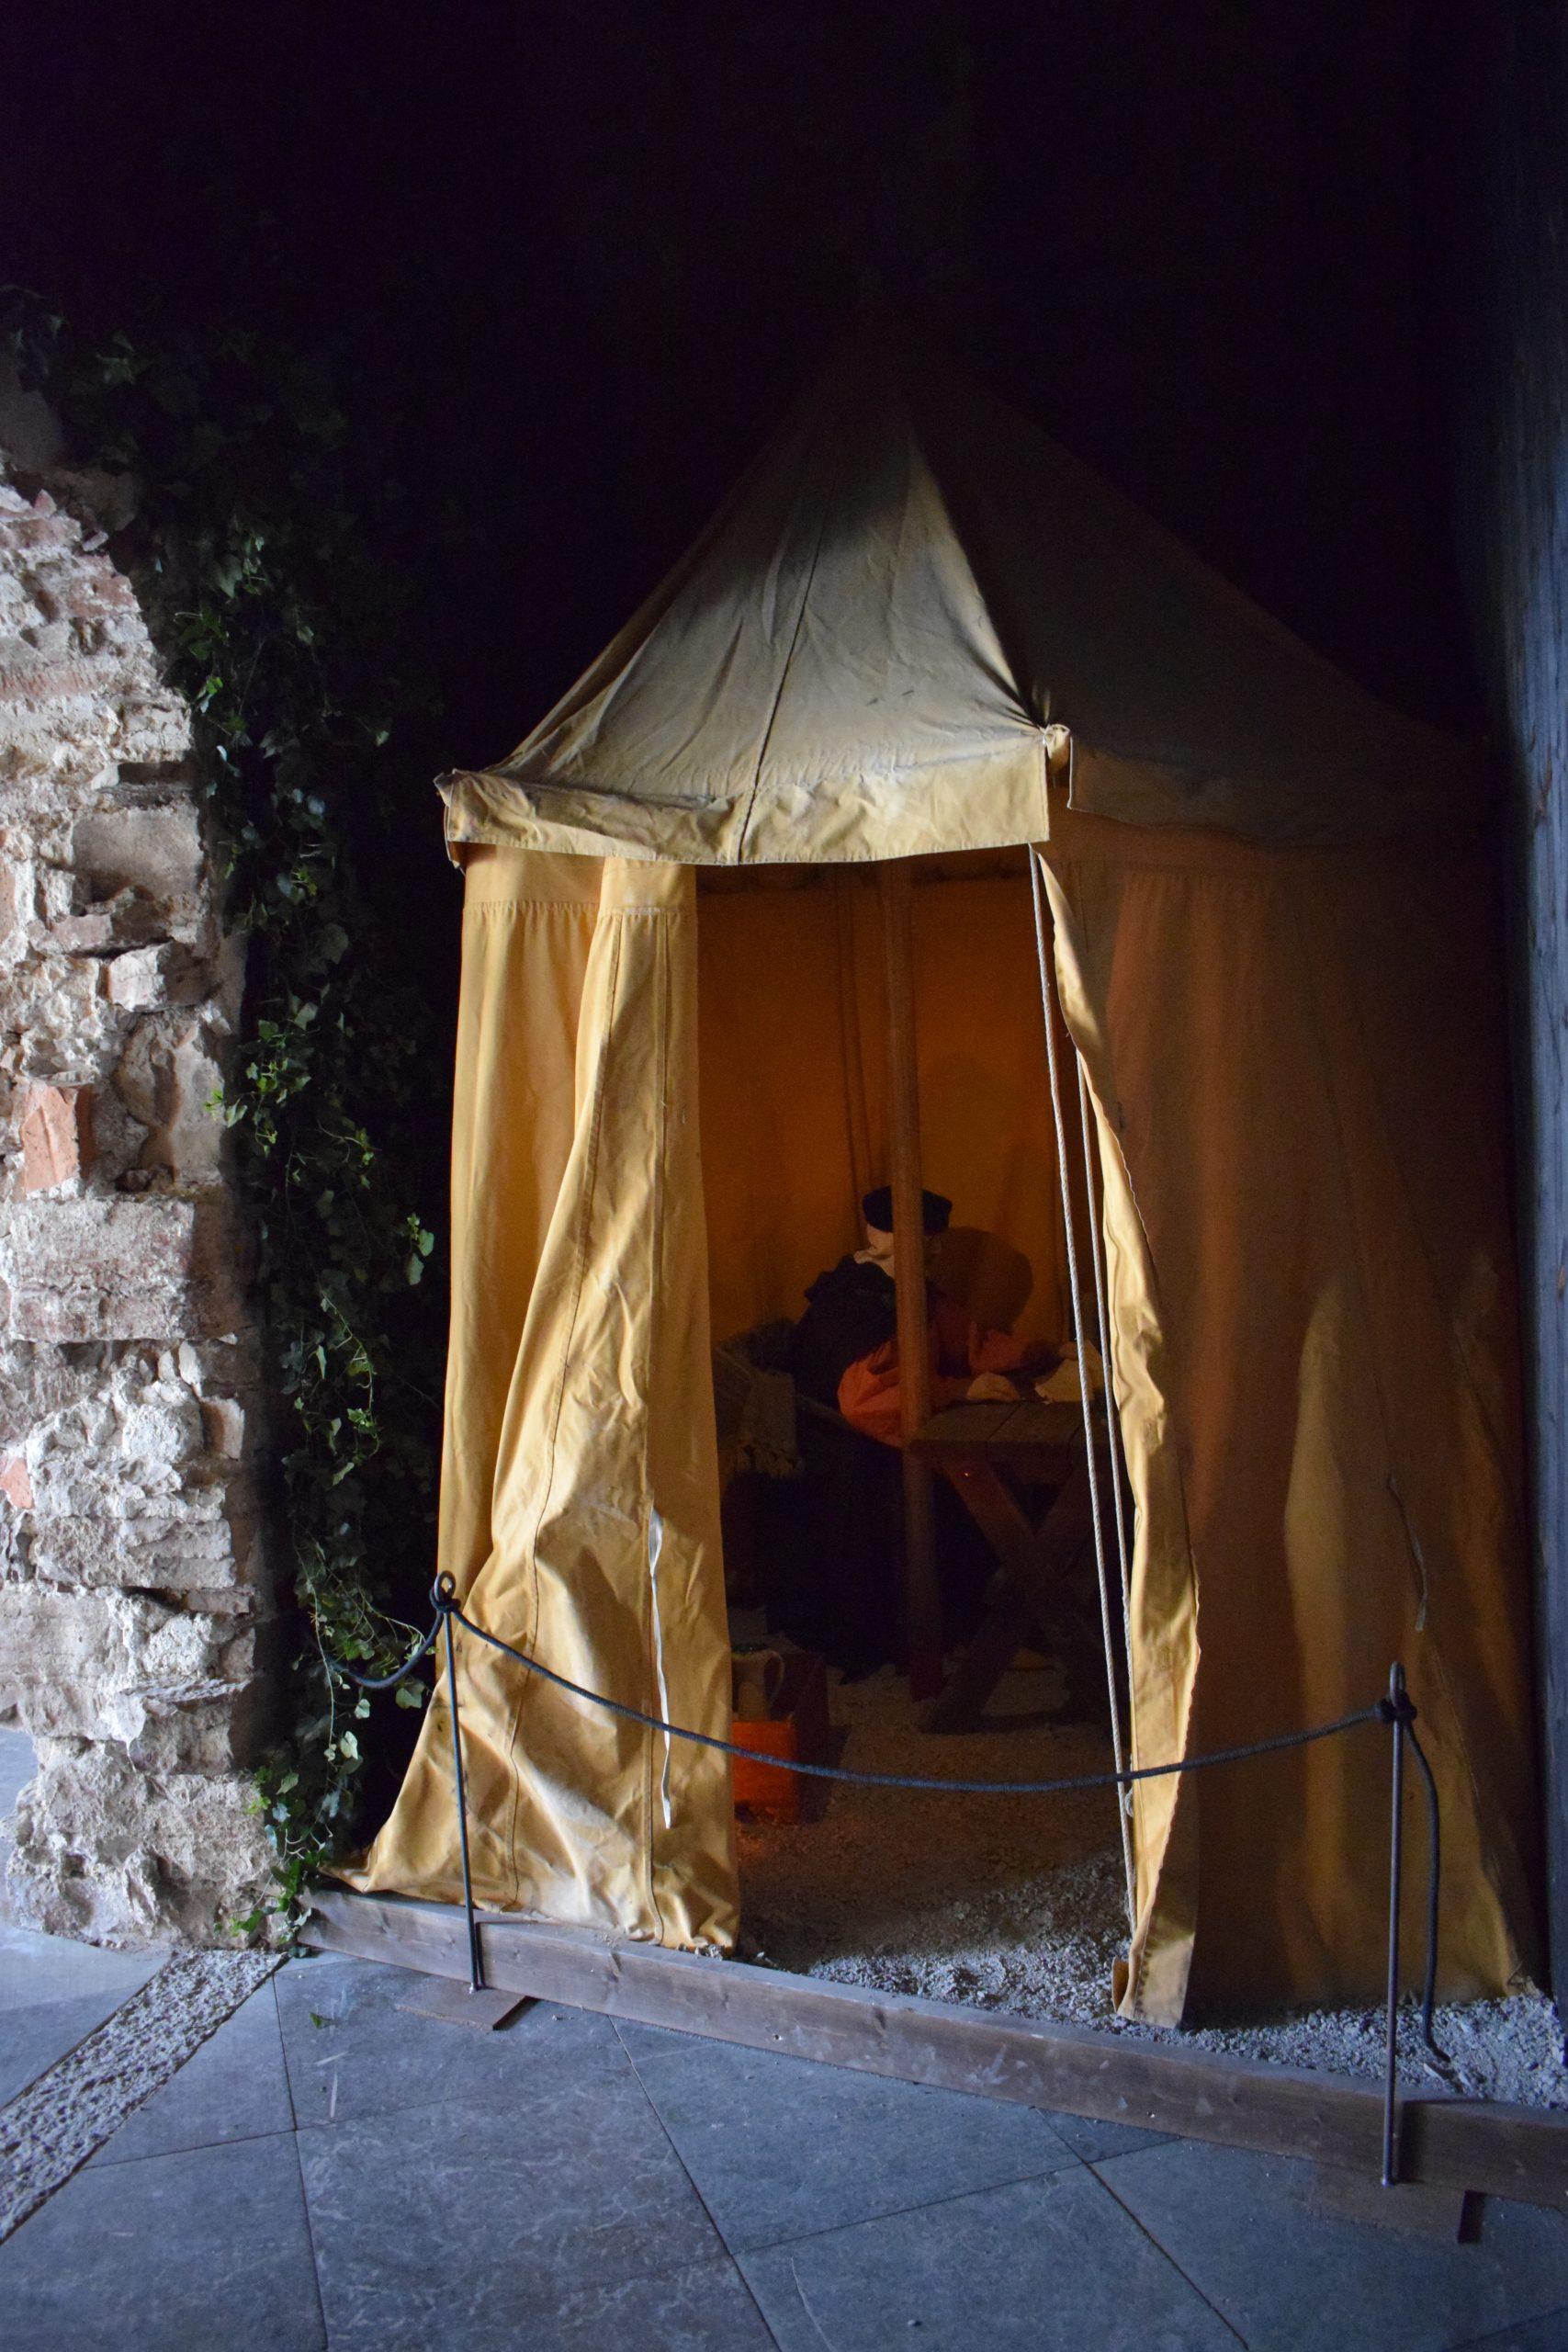 Den svenske kungen Albrekt av Mecklenburg tillbringade minst 10 veckor vid lägret framför Borgholms slott hösten 1367.